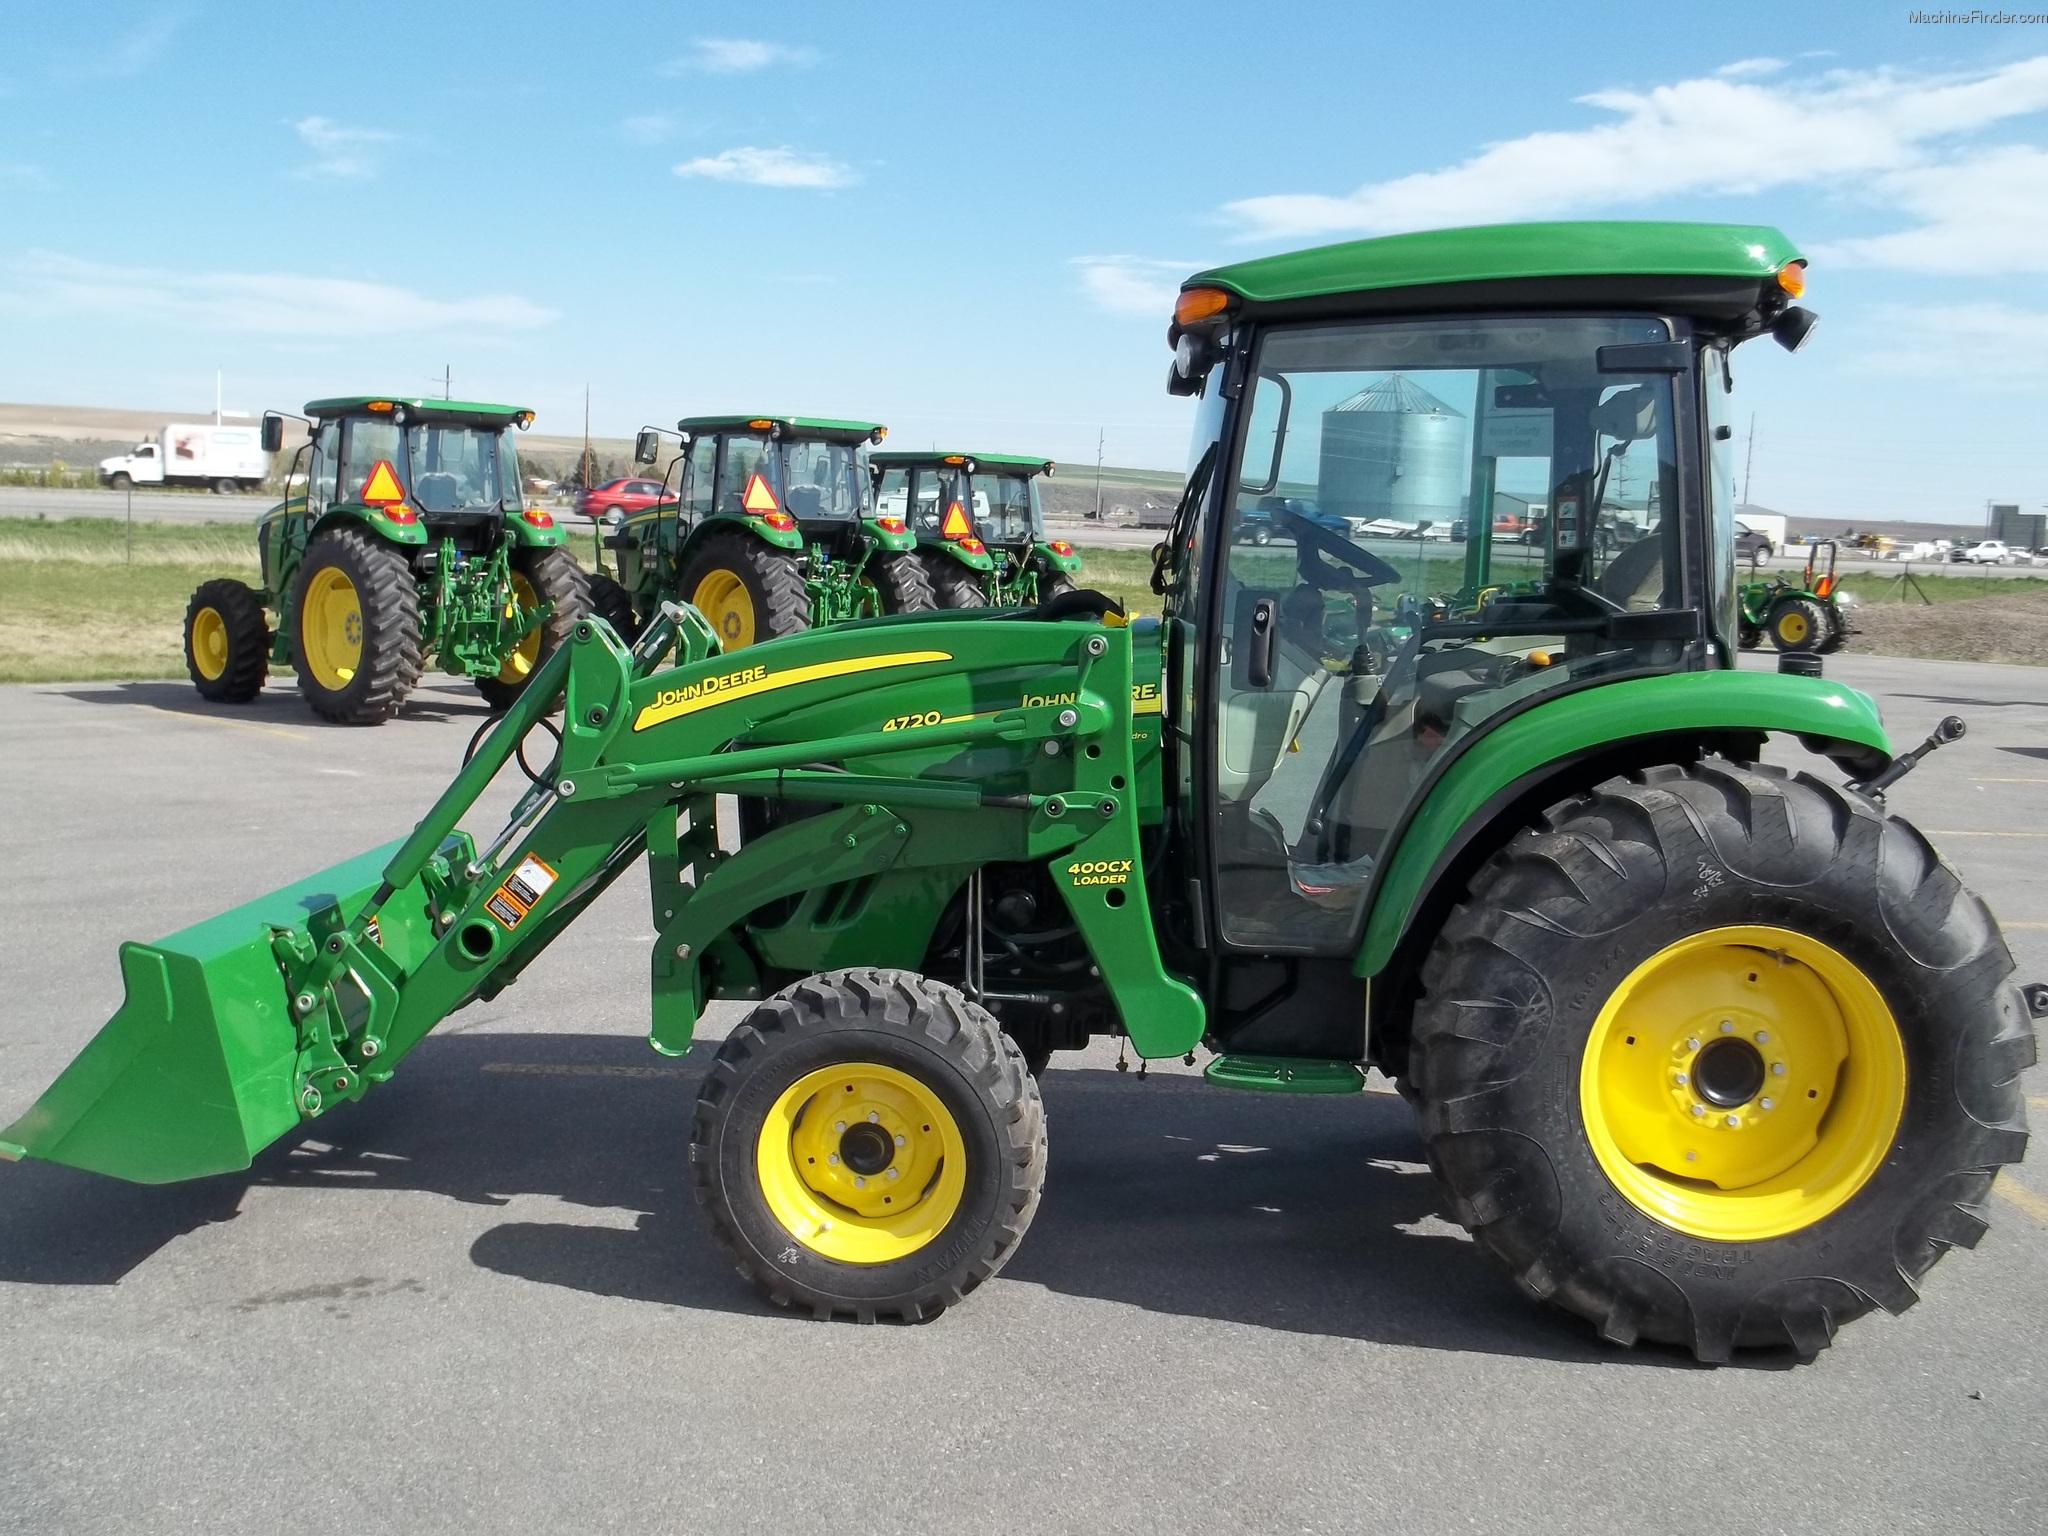 2013 John Deere 4720 Tractors - Compact (1-40hp.) - John Deere ...